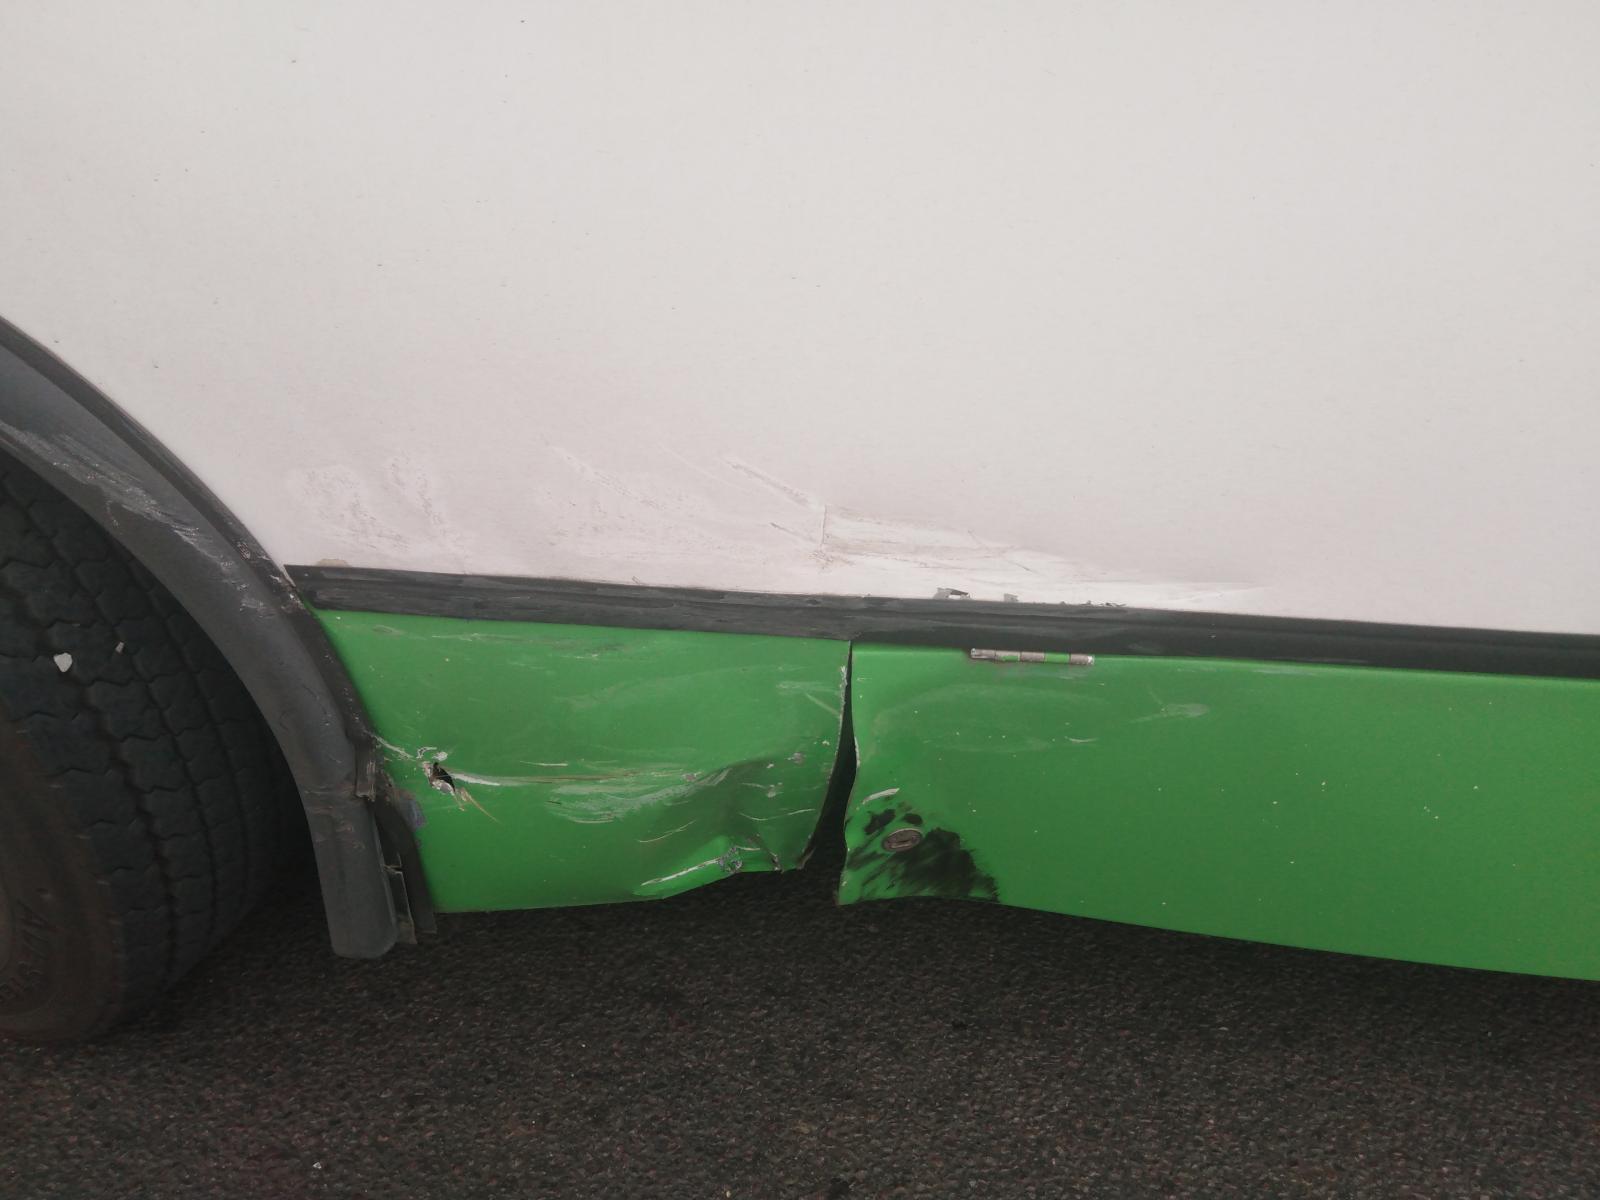 В Тамбове пассажирский автобус врезался в «Ладу»: есть пострадавшие